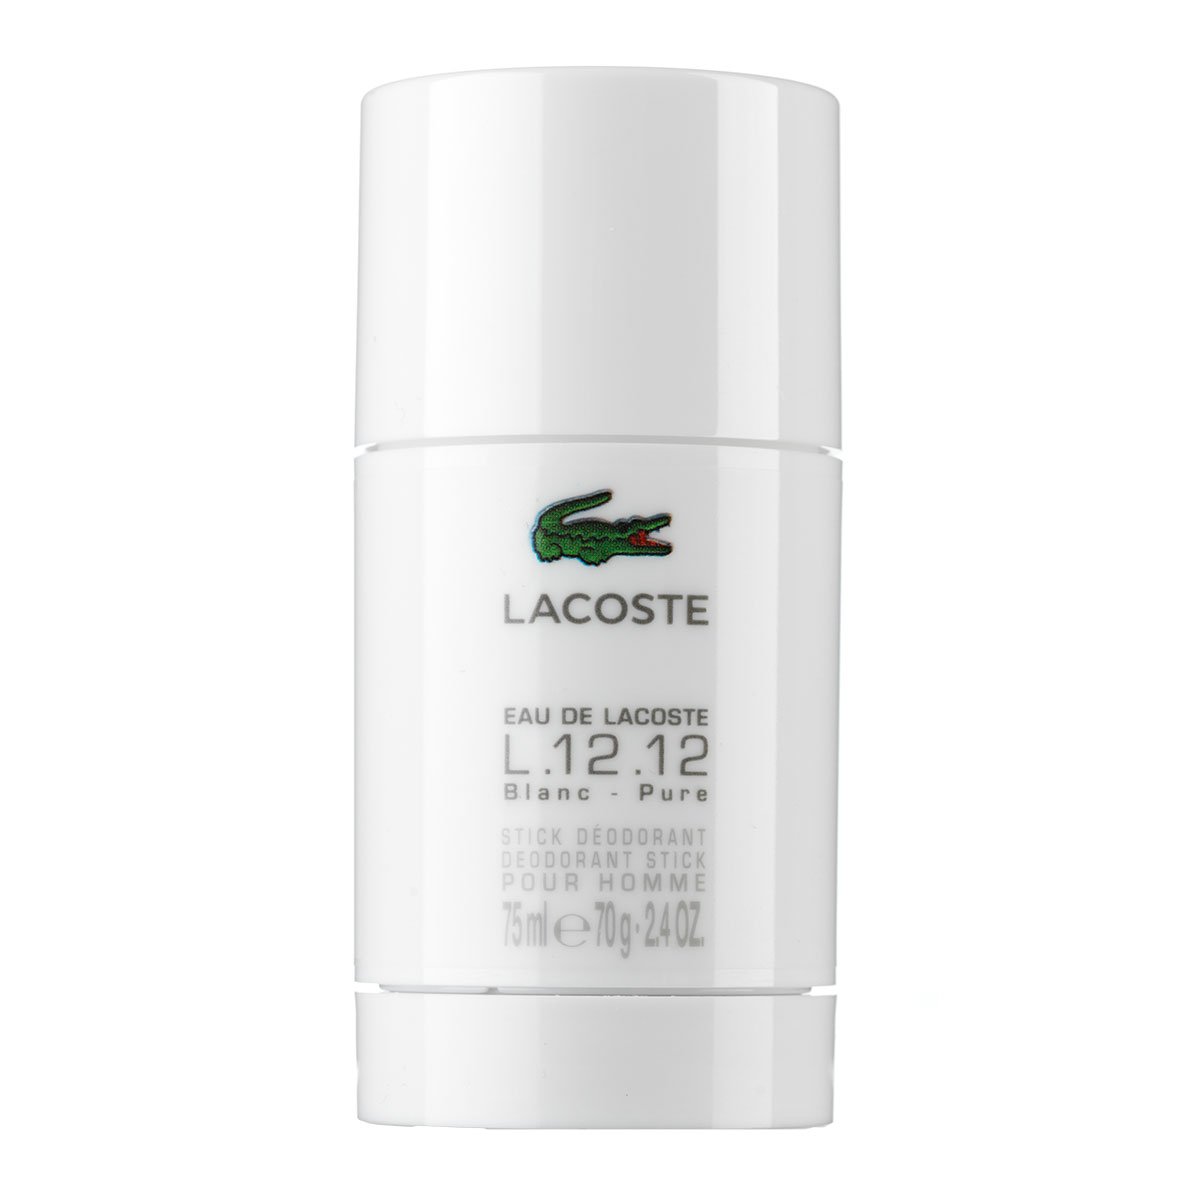 Lacoste Eau de Lacoste L.12.12 Blanc deostick - 75 ml